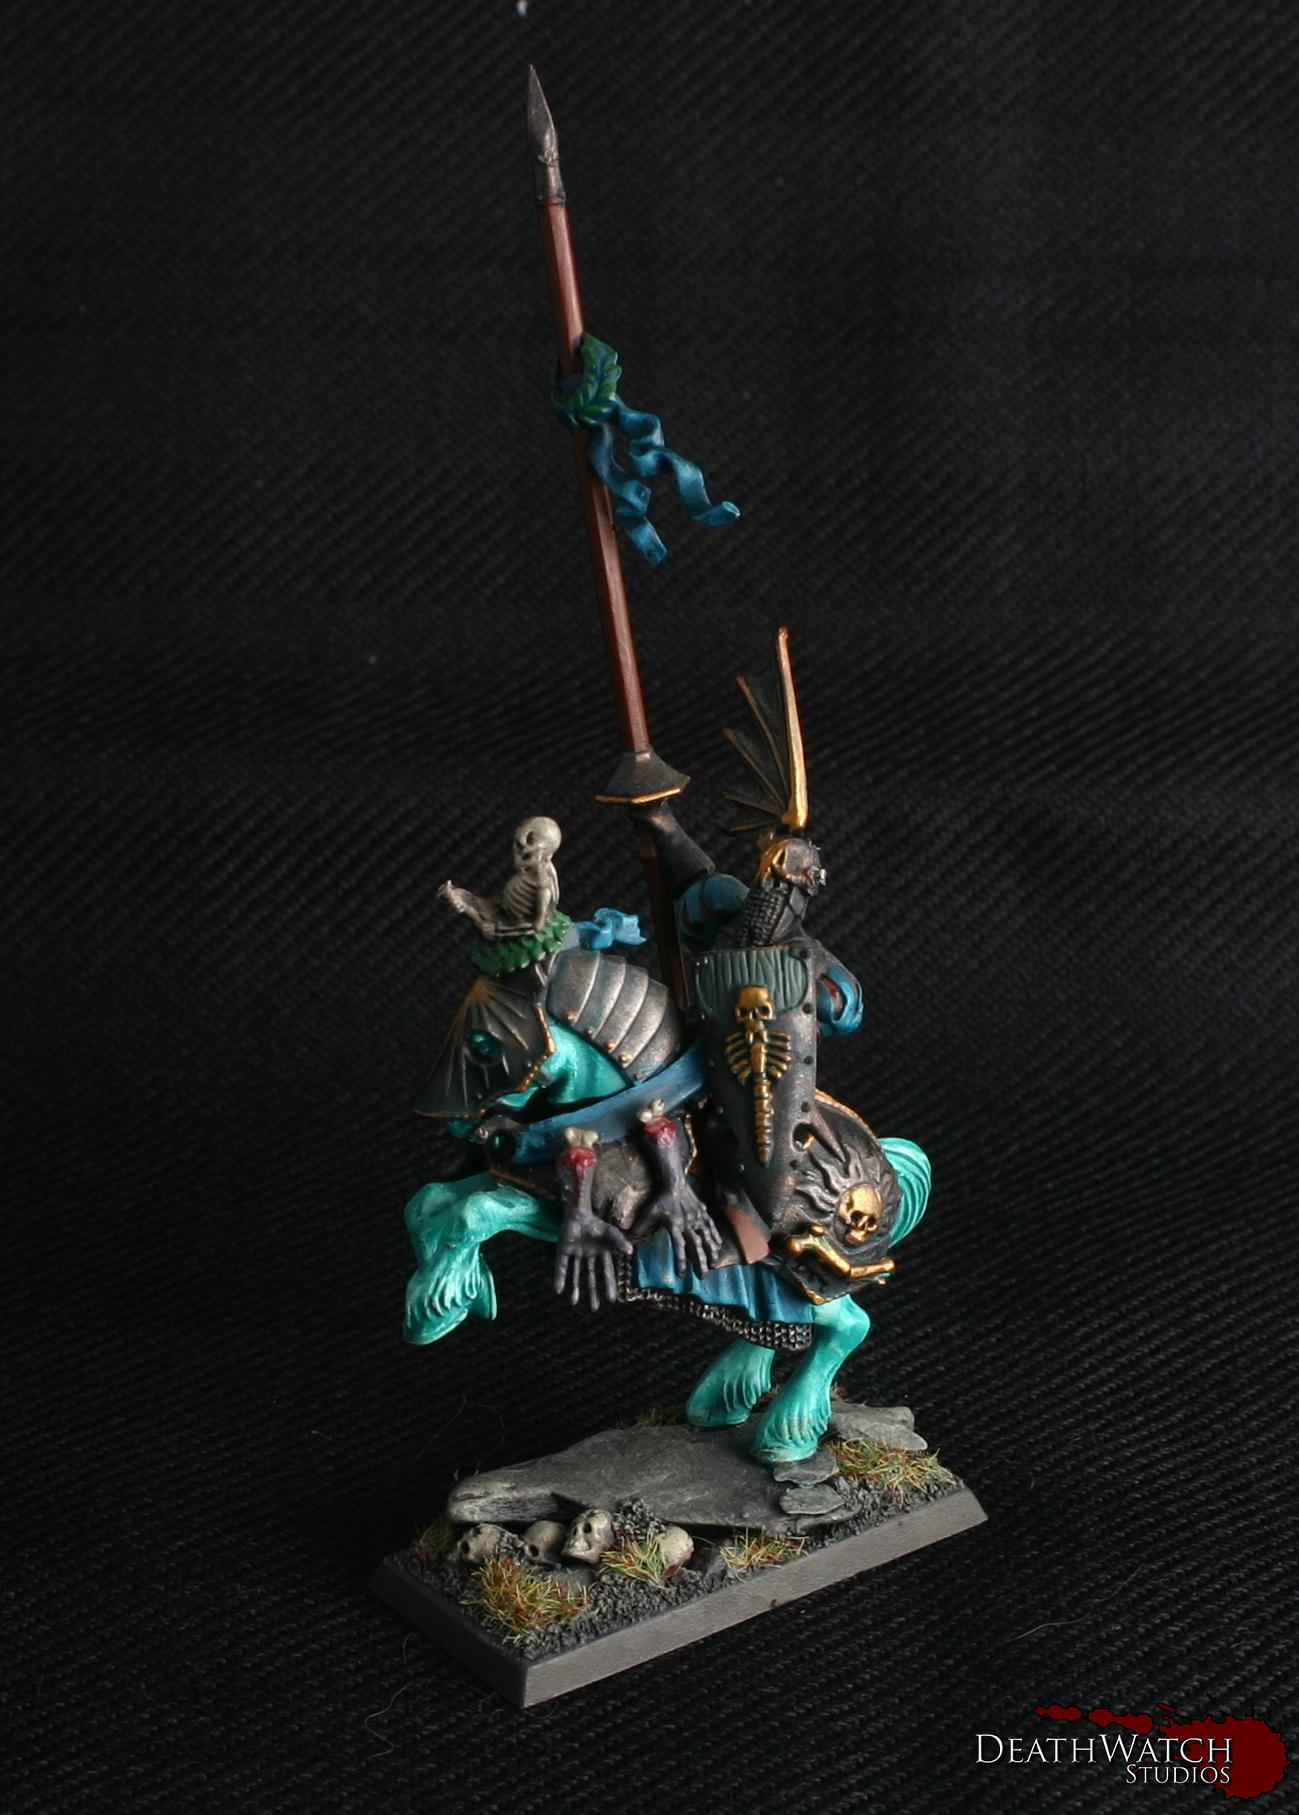 Mounted Wight Kinghttp://www.ebay.co.uk/itm/141246152919?ssPageName=STRK:MESELX:IT&_trksid=p3984.m1555.l2649